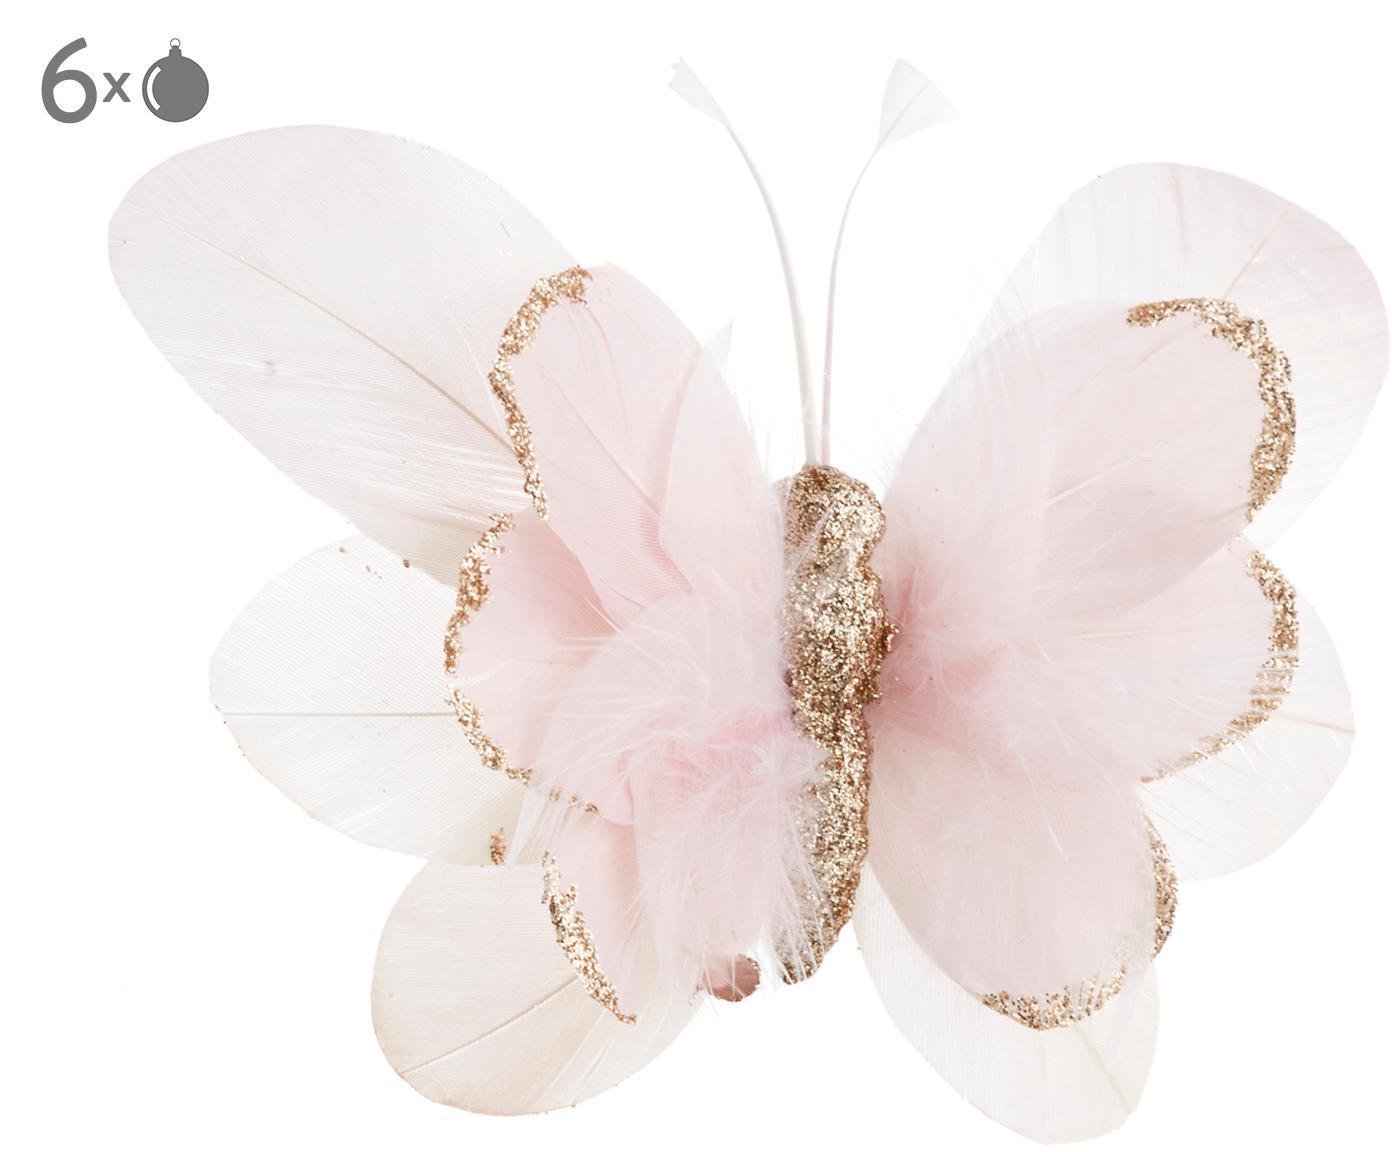 Baumanhänger Butterfly, 6 Stück, Rosa, Weiss, Goldfarben, 14 x 3 cm